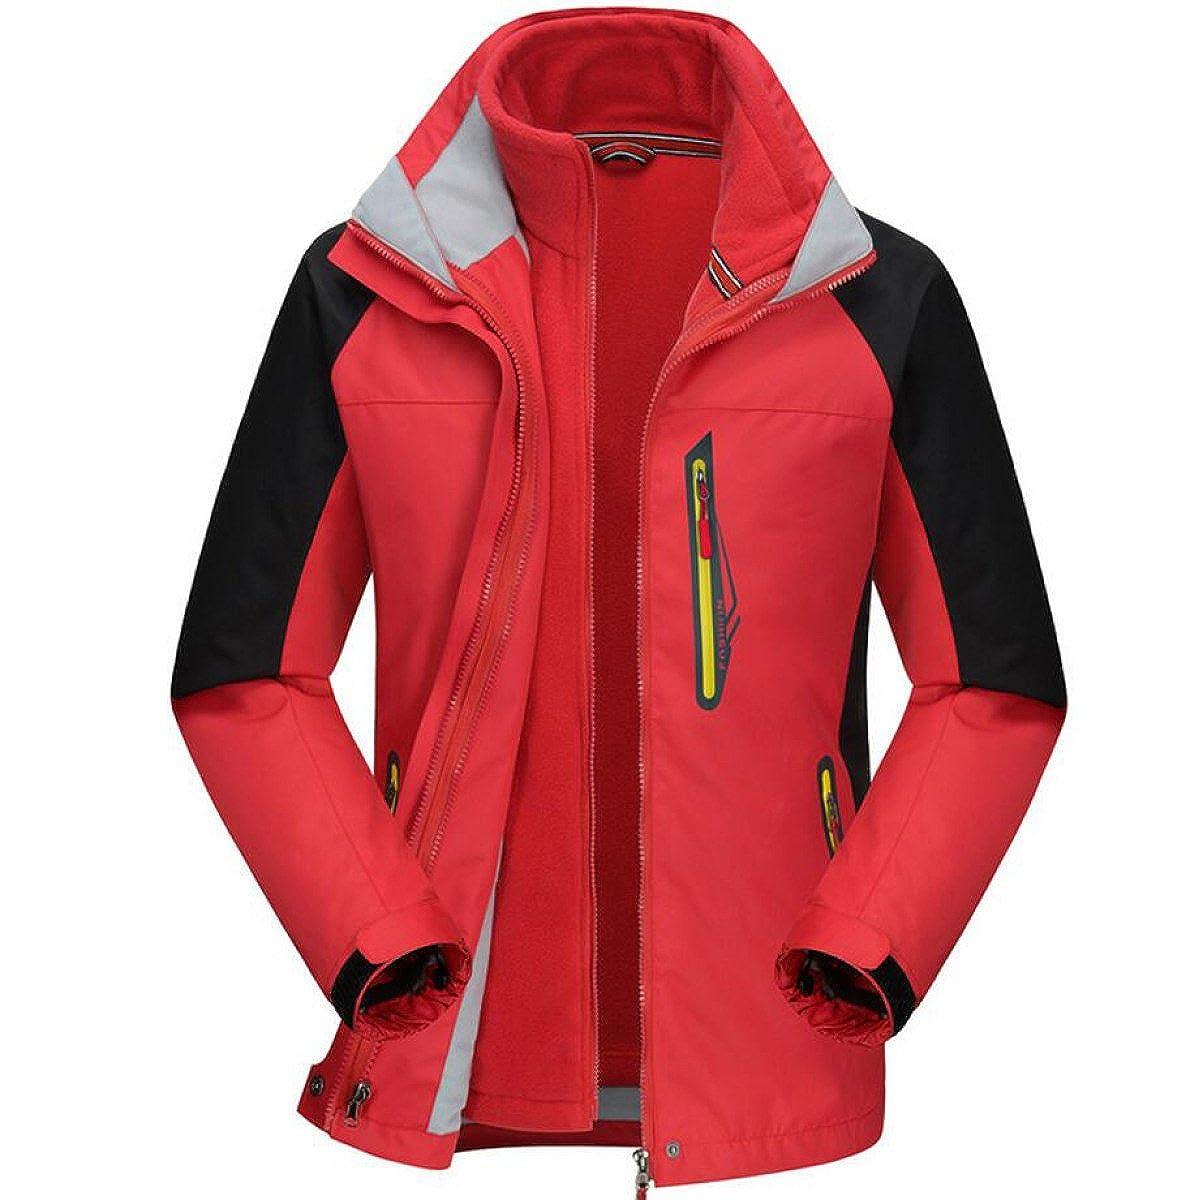 rouge XXX-grand Vestes De SurvêteHommest Amovibles Extérieures Imperméables à l'hiver Coupe Vent Vestes Rapides Rapides